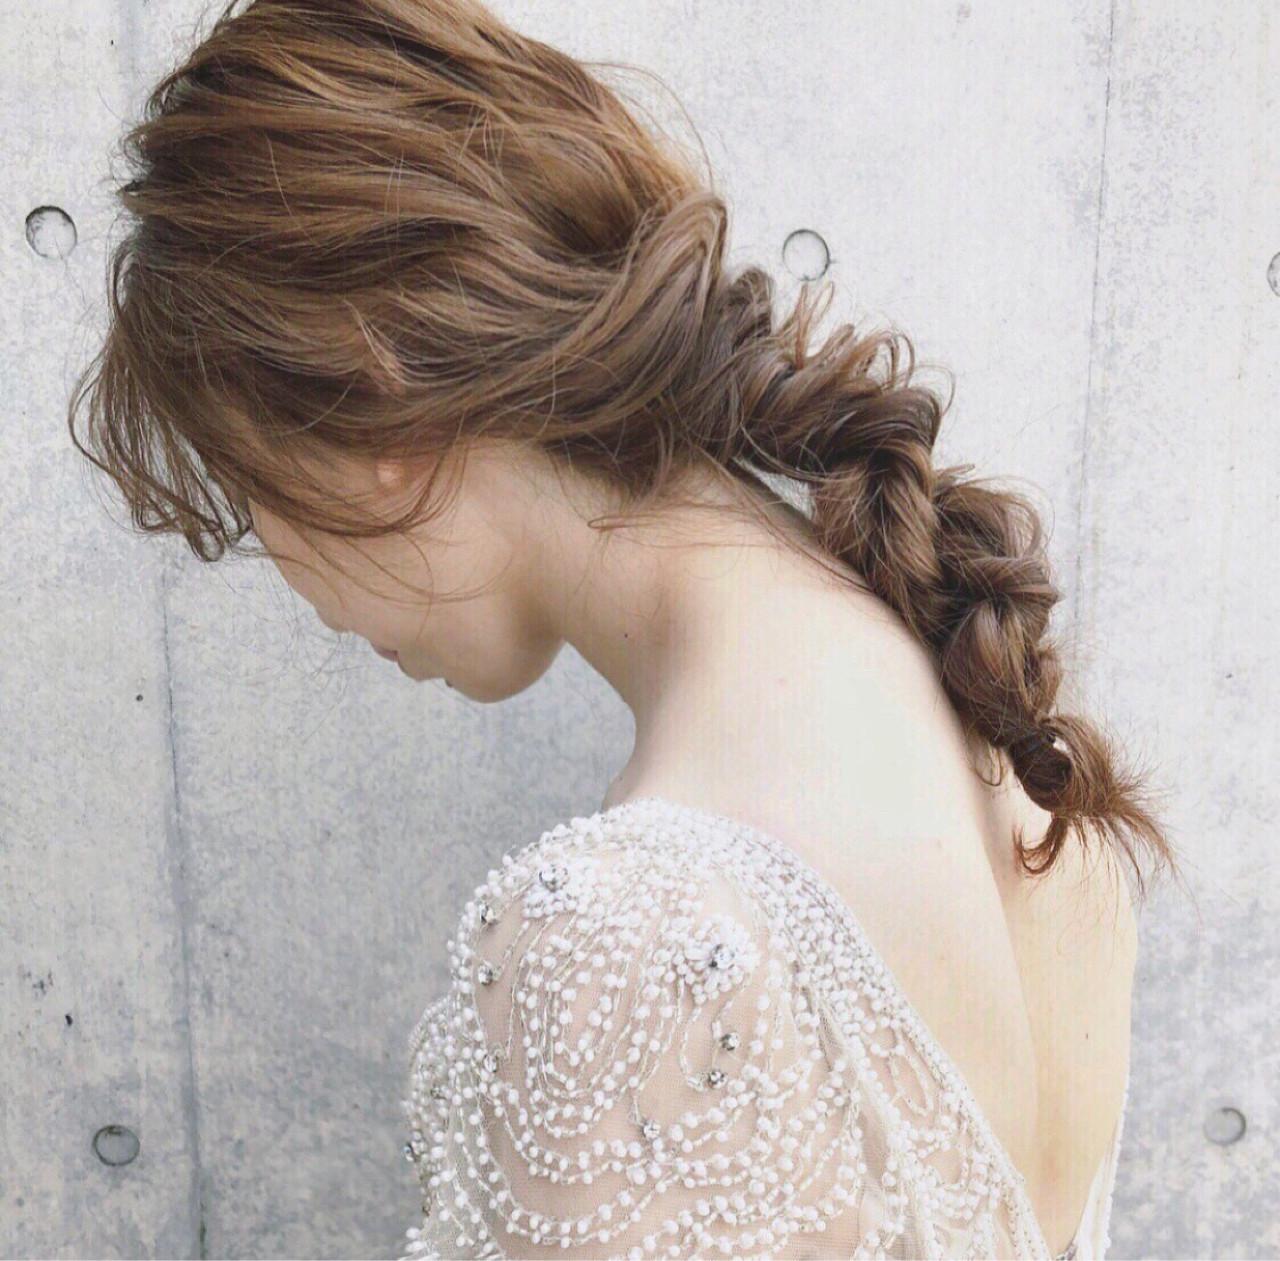 ヘアアレンジ パーティ アンニュイ ゆるふわ ヘアスタイルや髪型の写真・画像